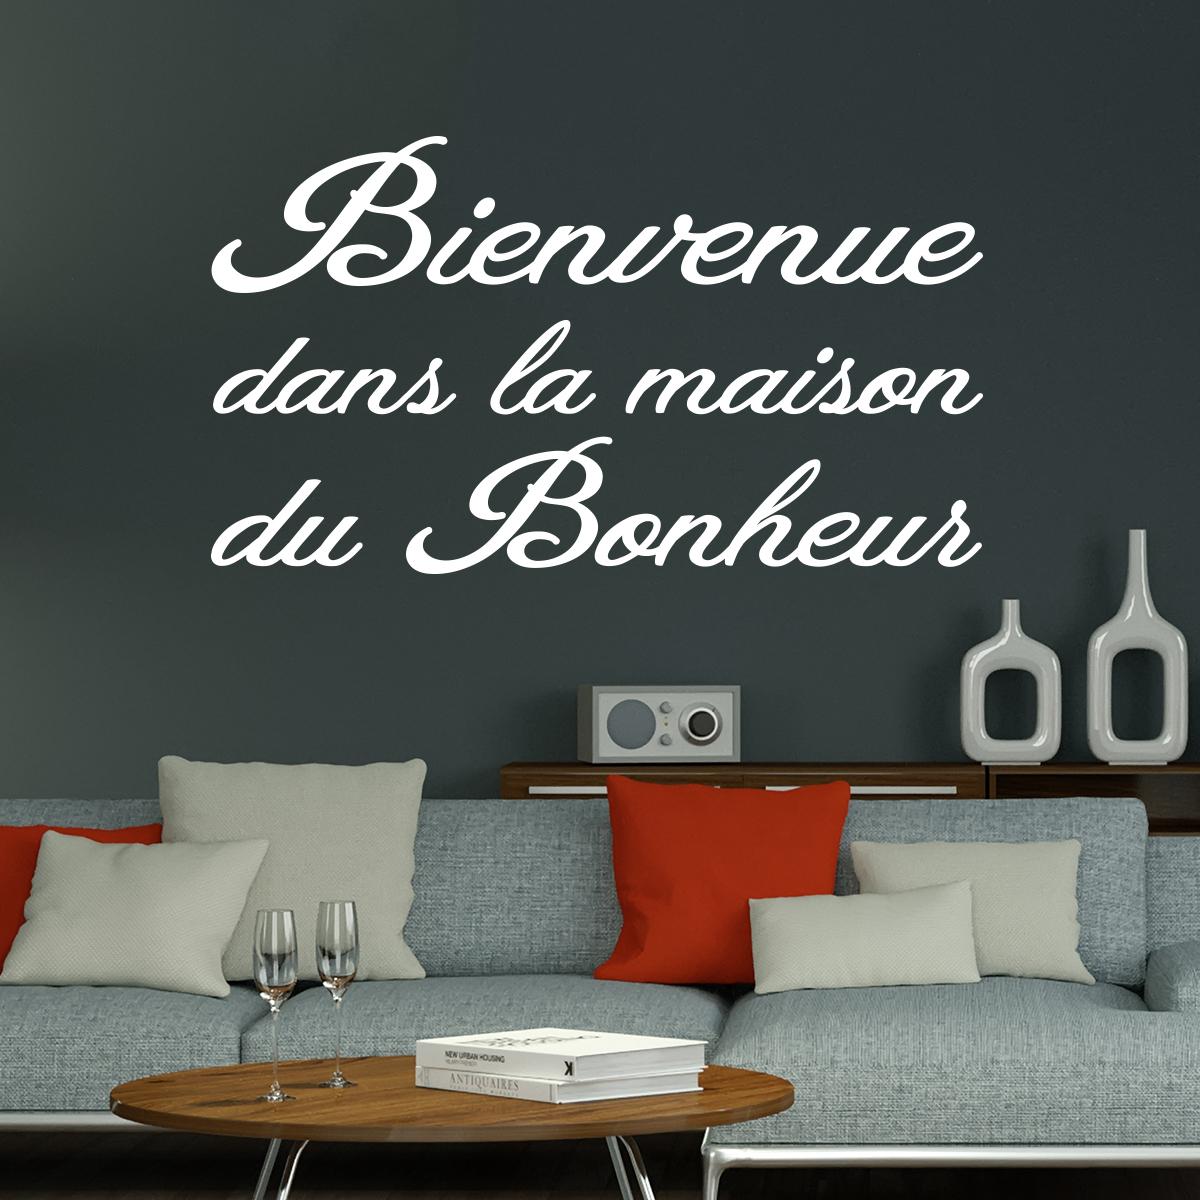 Sticker citation bienvenue dans la maison du bonheur